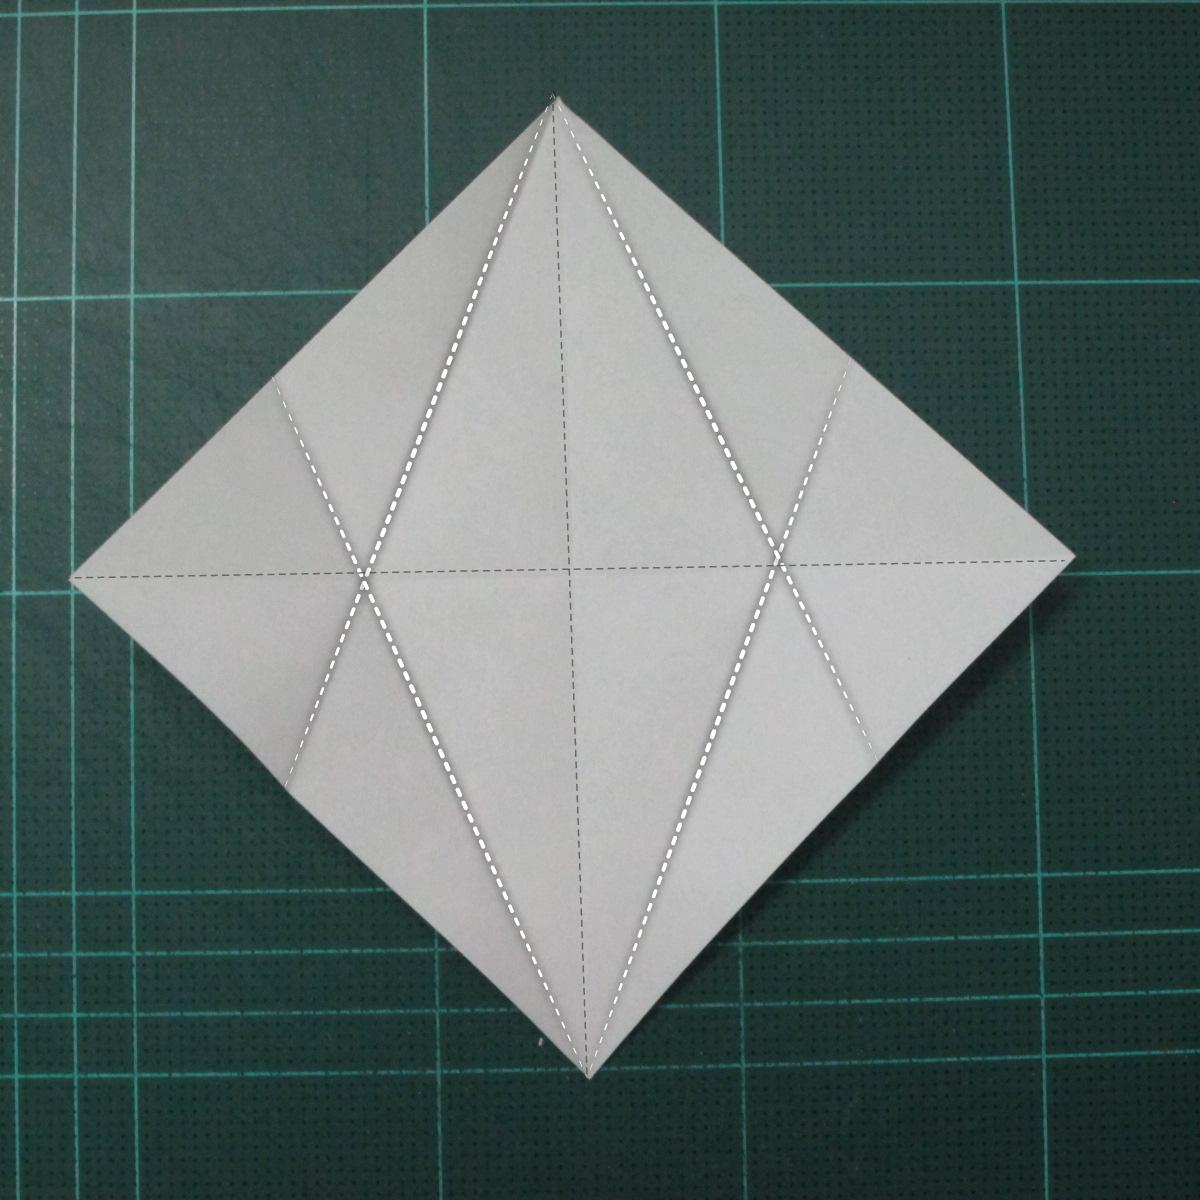 การพับกระดาษเป็นรูปแมวน้ำ (Origami Seal) 002